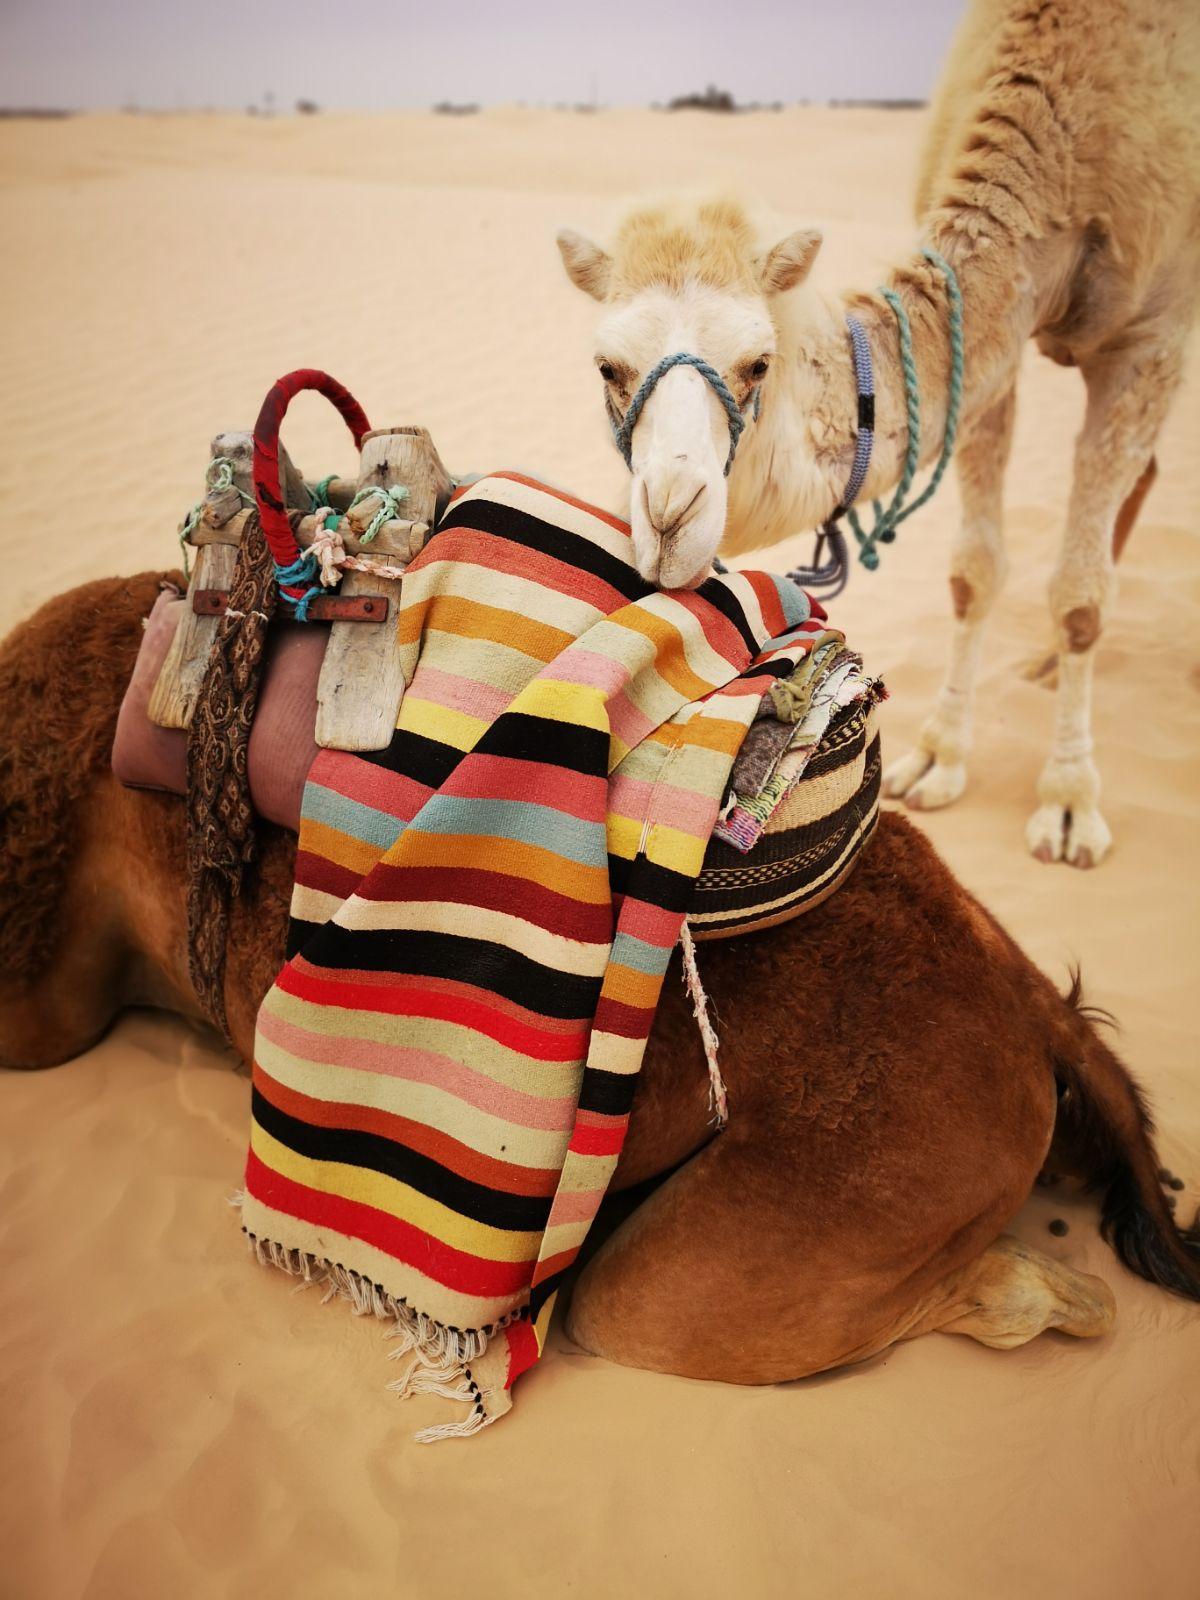 wielbłądy tunezja pustynia jazda na wielbłądach